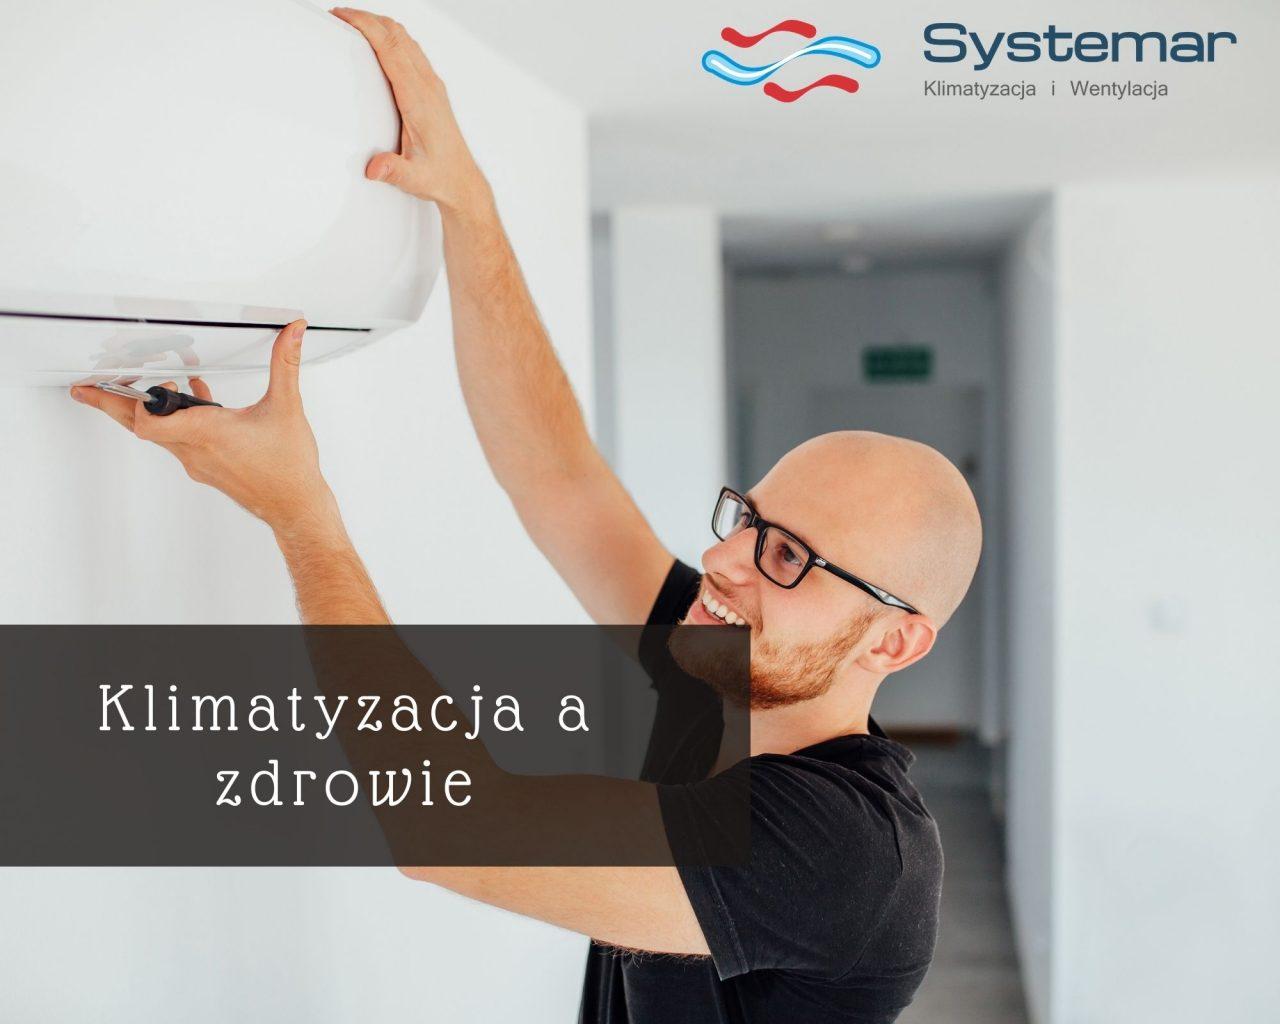 https://systemar.pl/wp-content/uploads/2020/12/klimatyzacja-a-zdrowie-1280x1024.jpg